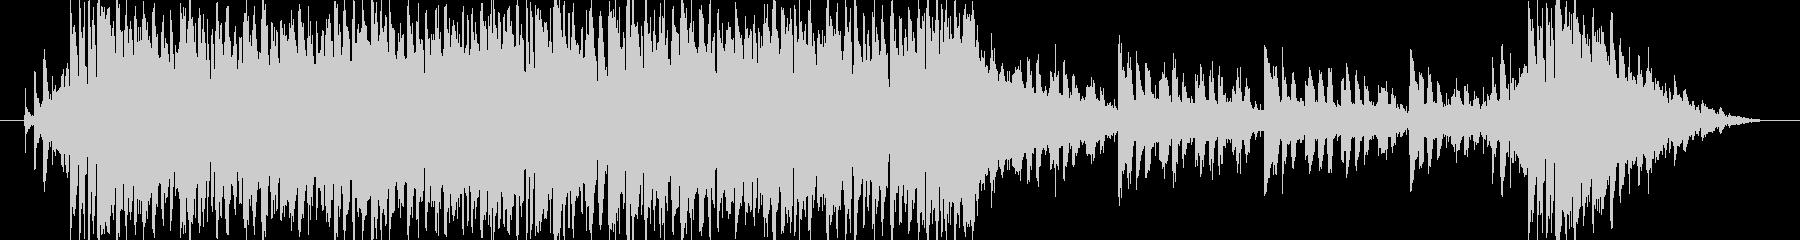 近未来でサイバーな曲です。の未再生の波形